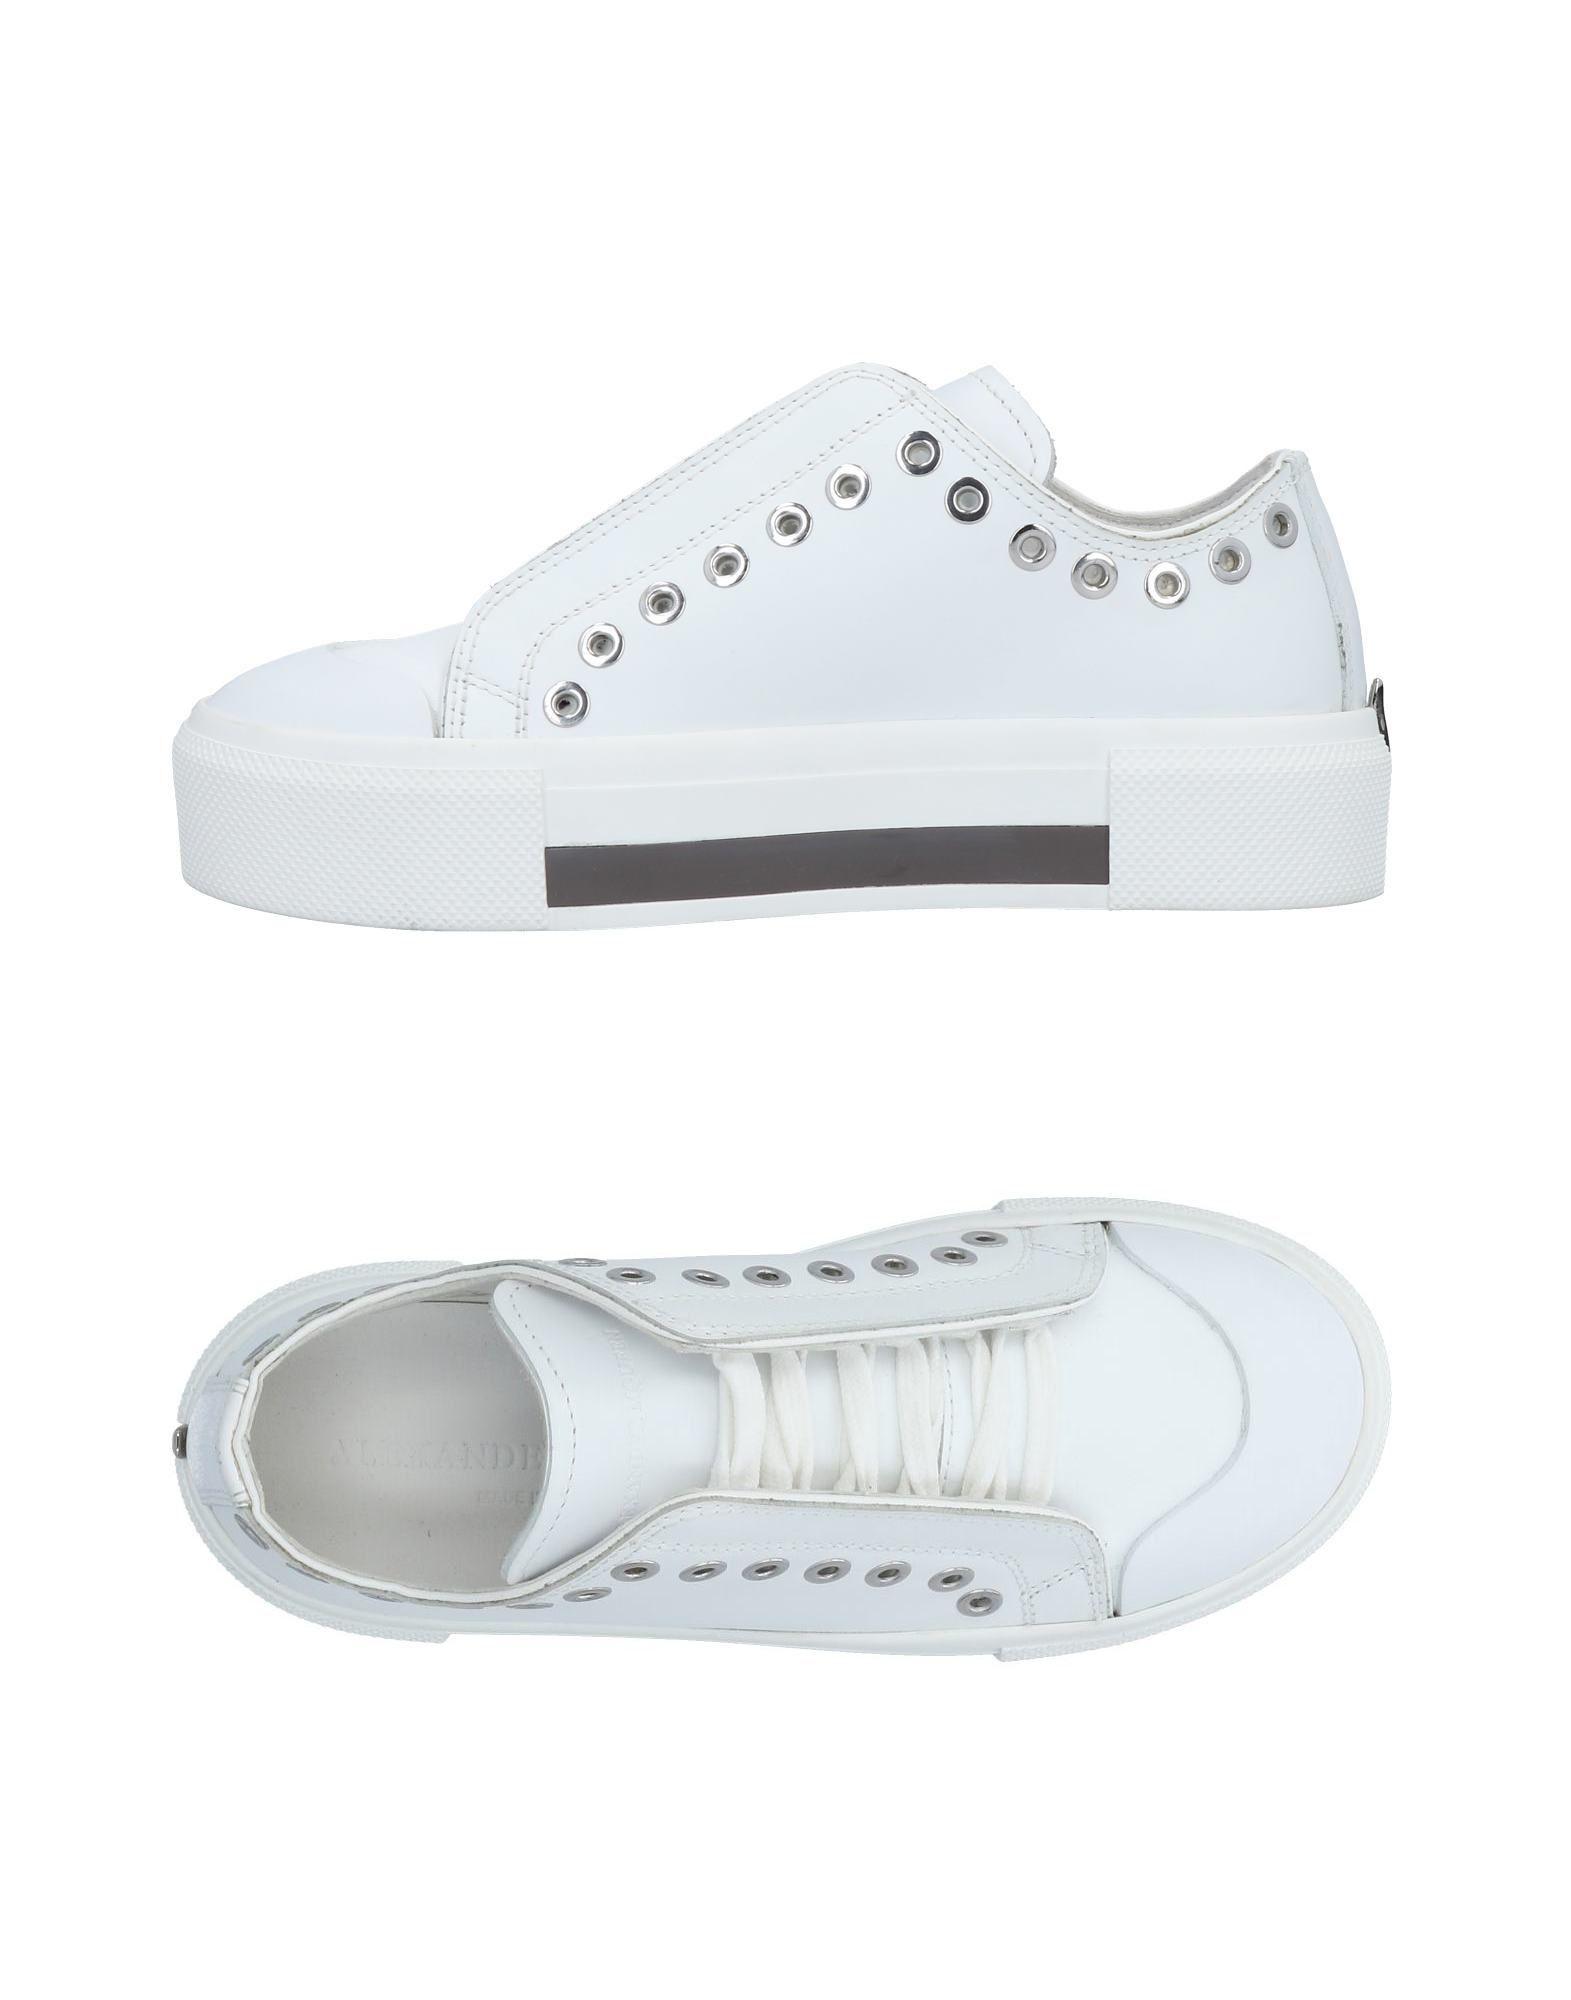 a561fce1440f Alexander Mcqueen Sneakers Mcqueen United - Women Alexander Mcqueen  Sneakers Mcqueen online on United Kingdom - 11492962TJ 7940642